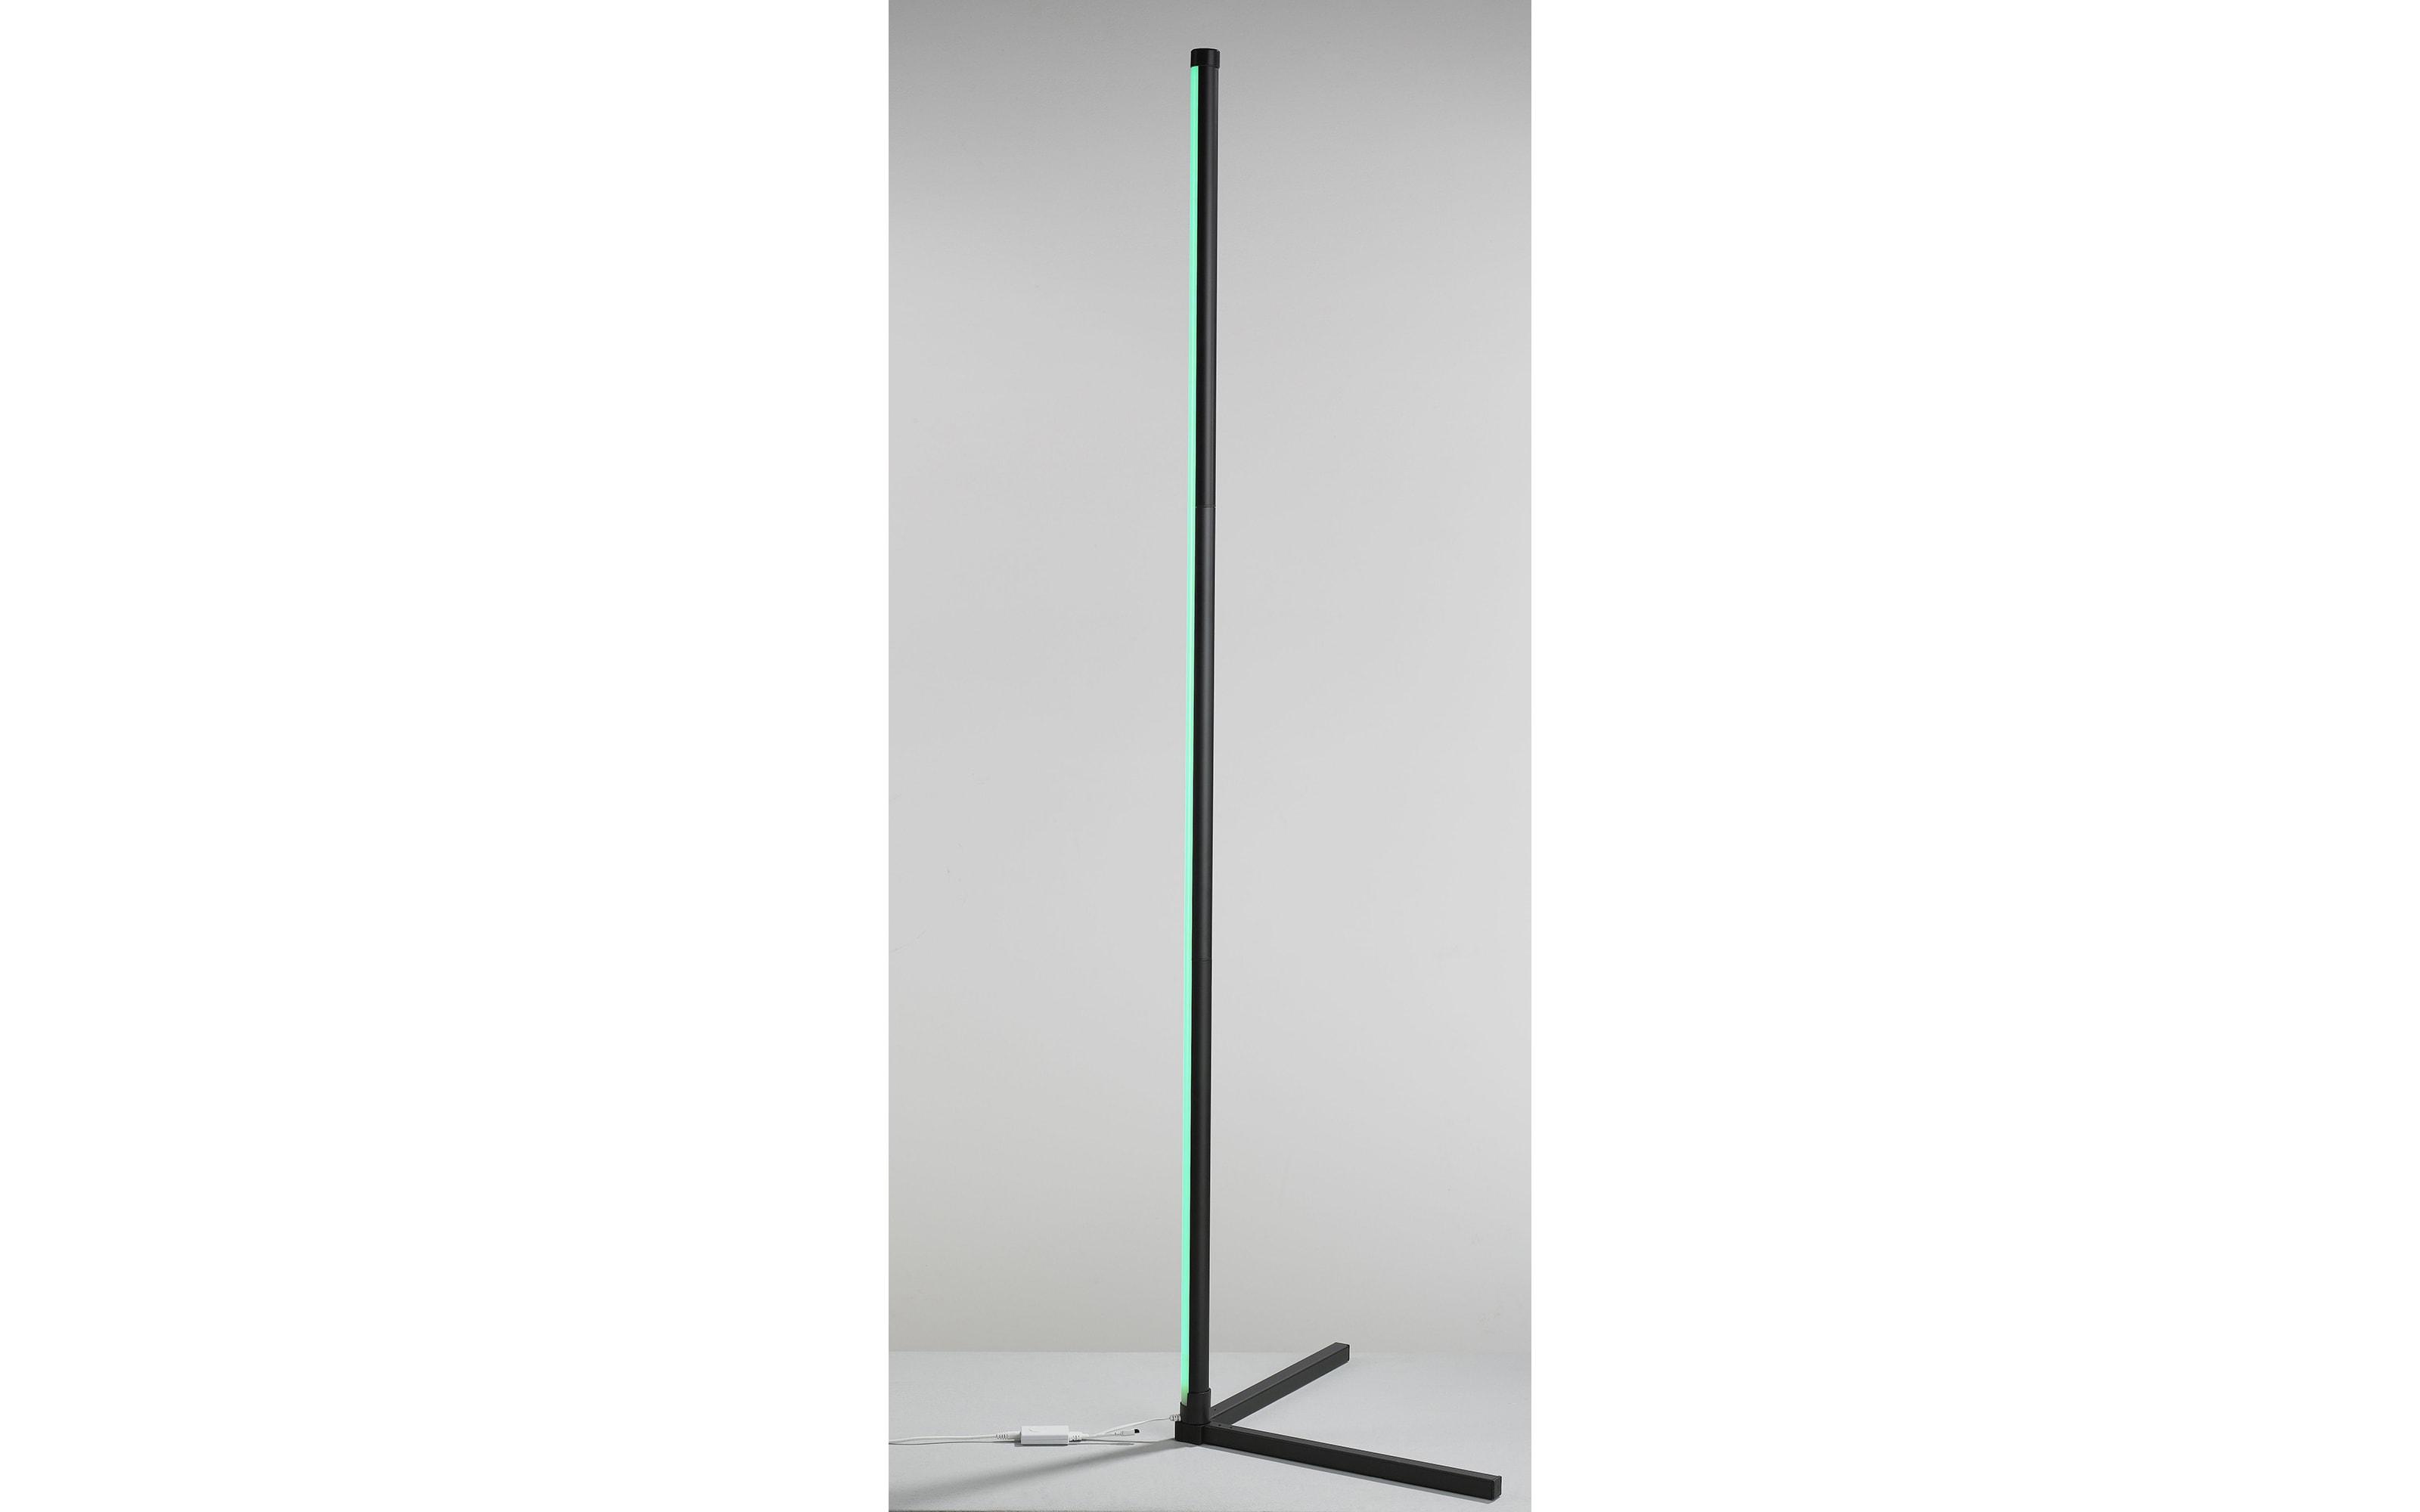 LED-Standleuchte Polly in schwarz, 156 cm